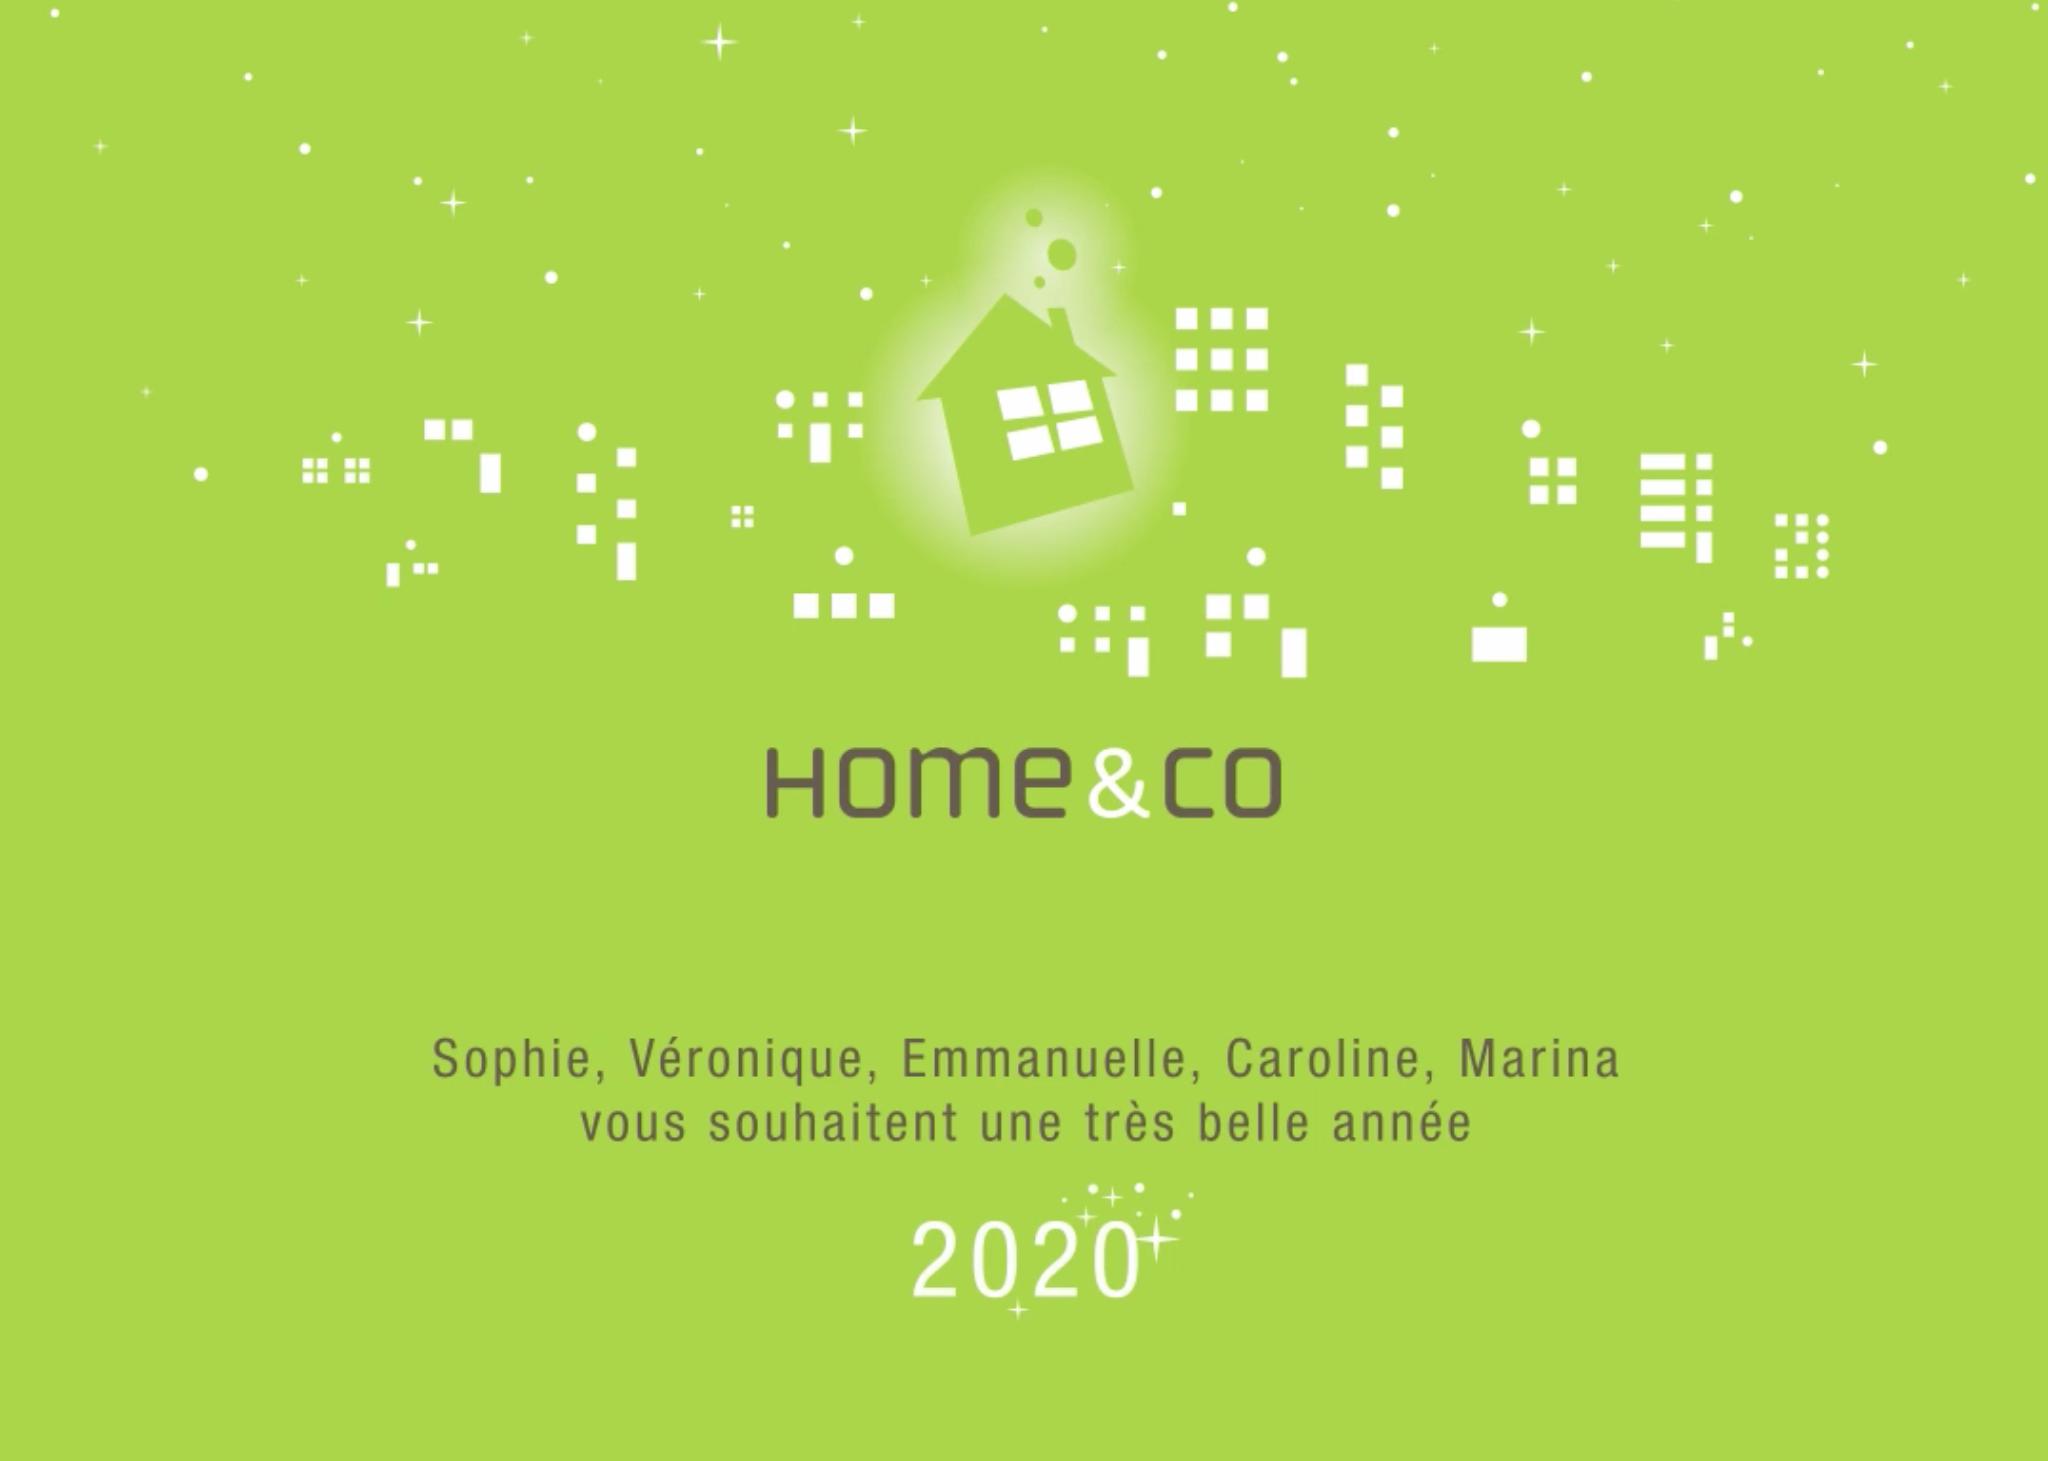 achat vente transaction estimation Colombes Asnieres Courbevoie Bois-Colombes La Garenne